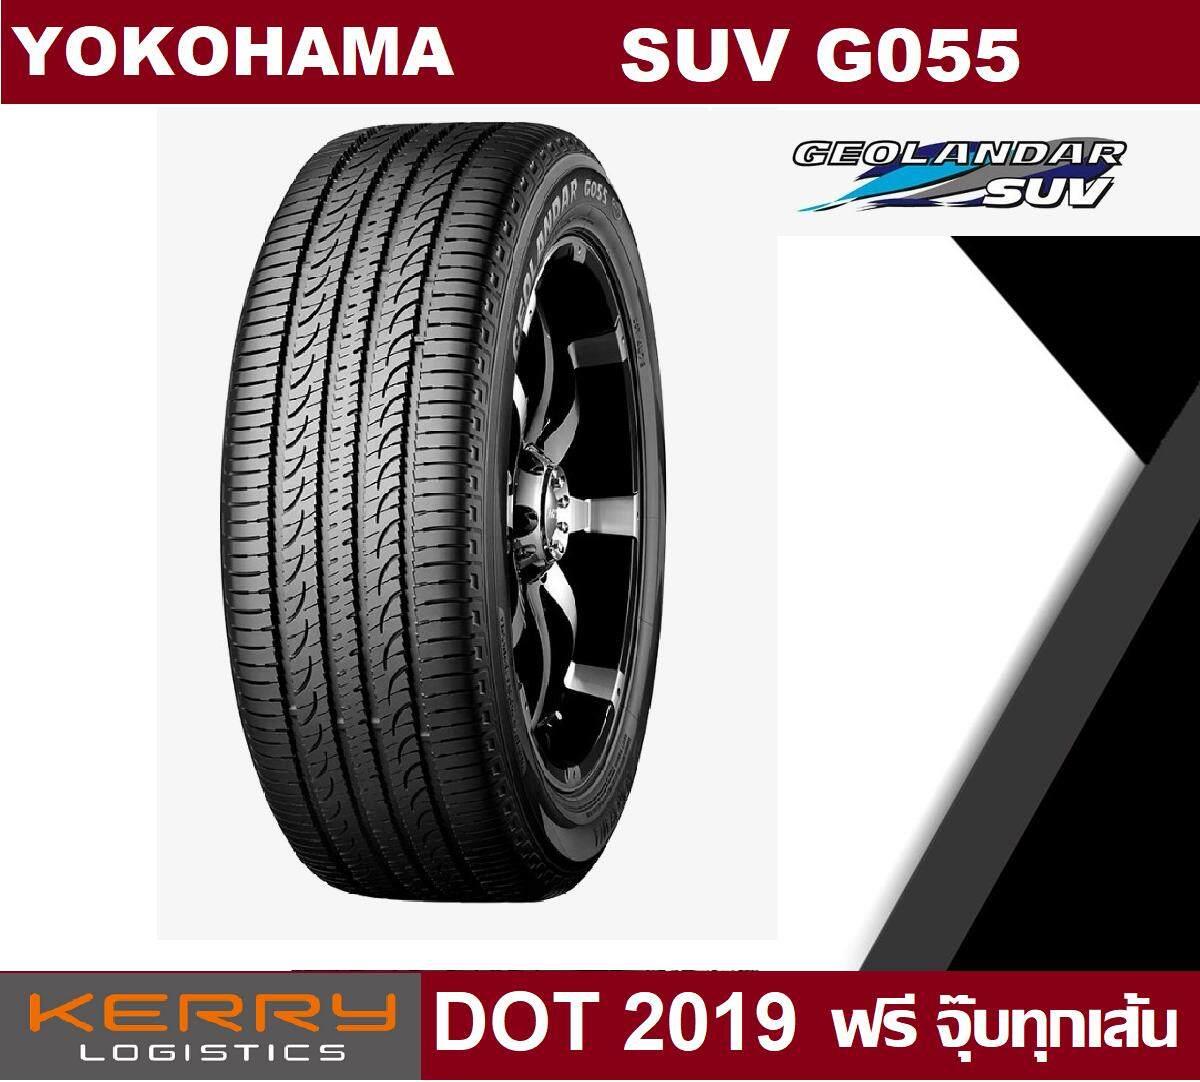 ประกันภัย รถยนต์ 2+ ประจวบคีรีขันธ์ ยางรถยนต์ Yokohama รุ่น Geolandar SUV G055 ขนาด 225/65R17 จำนวน 4 เส้น (2019)